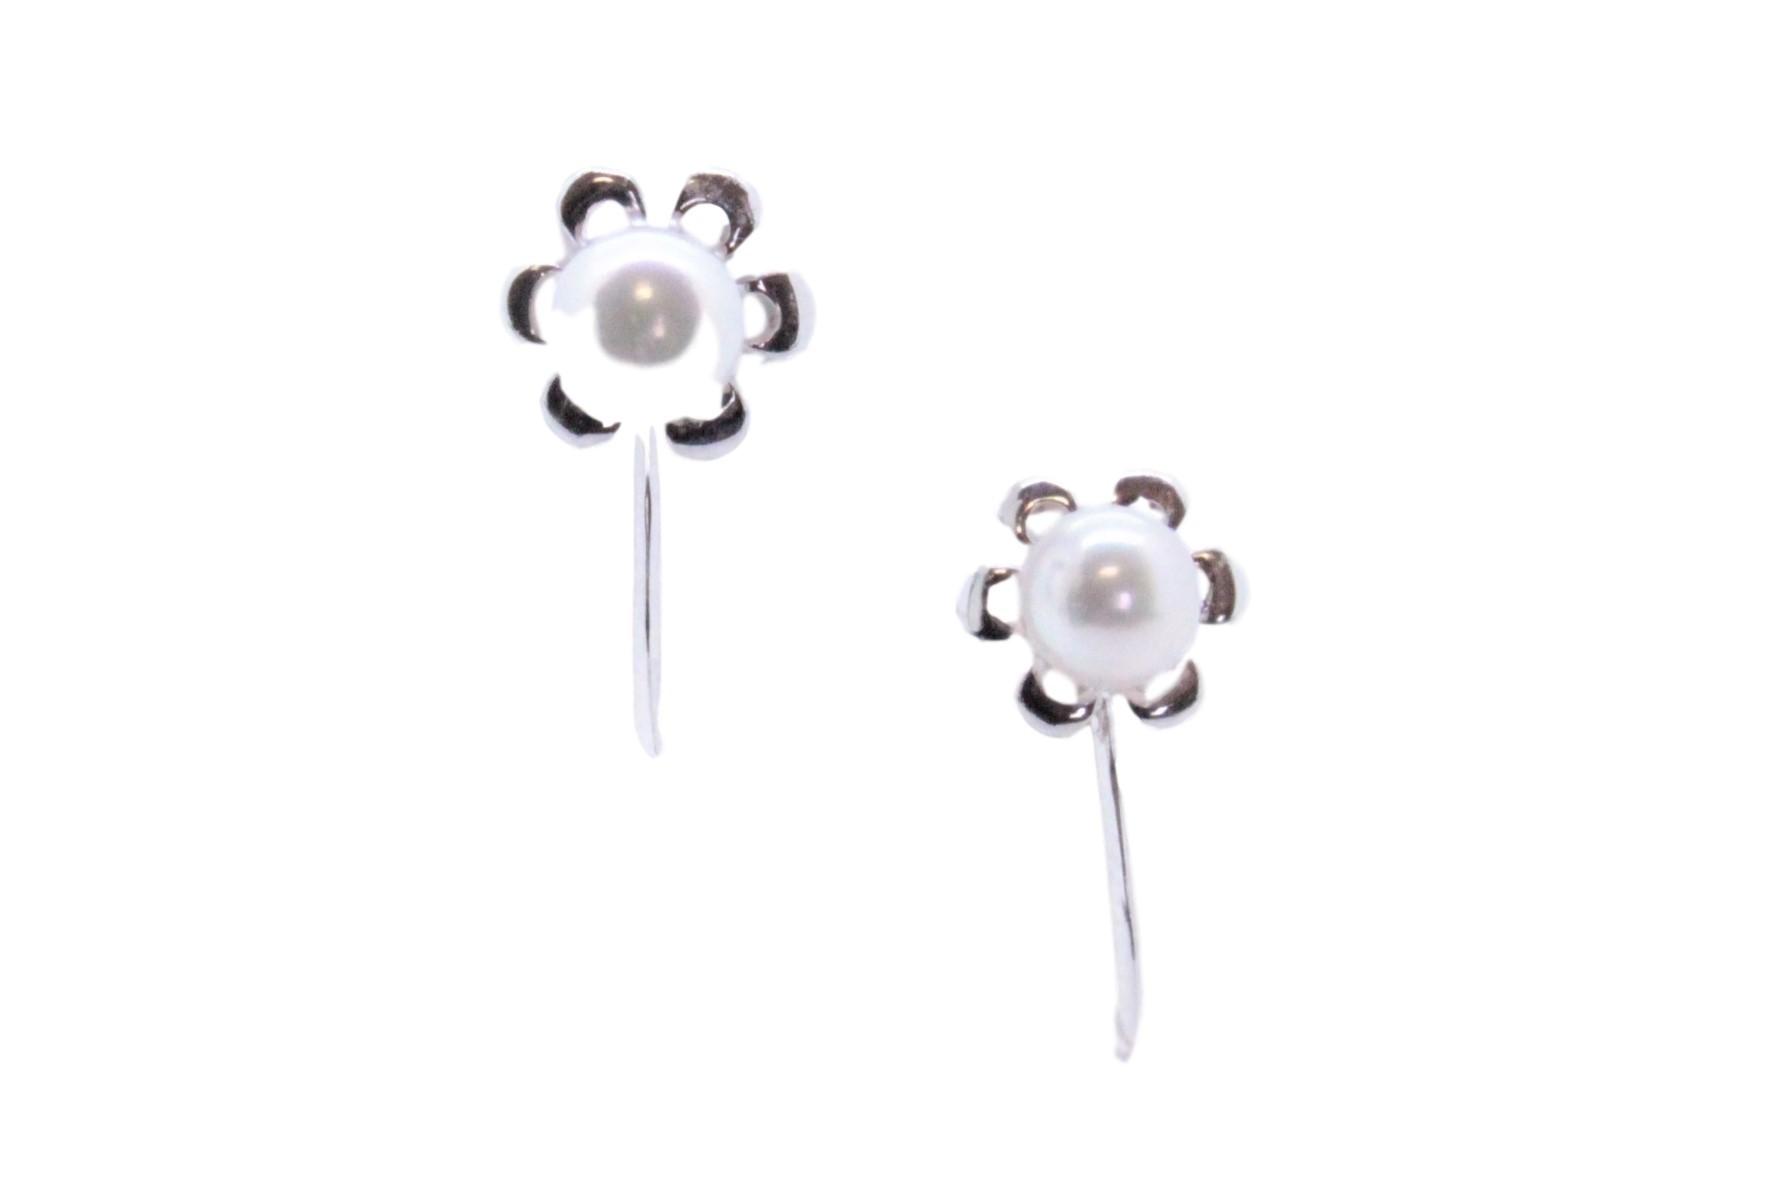 アコヤ真珠 SV デザインイヤリング